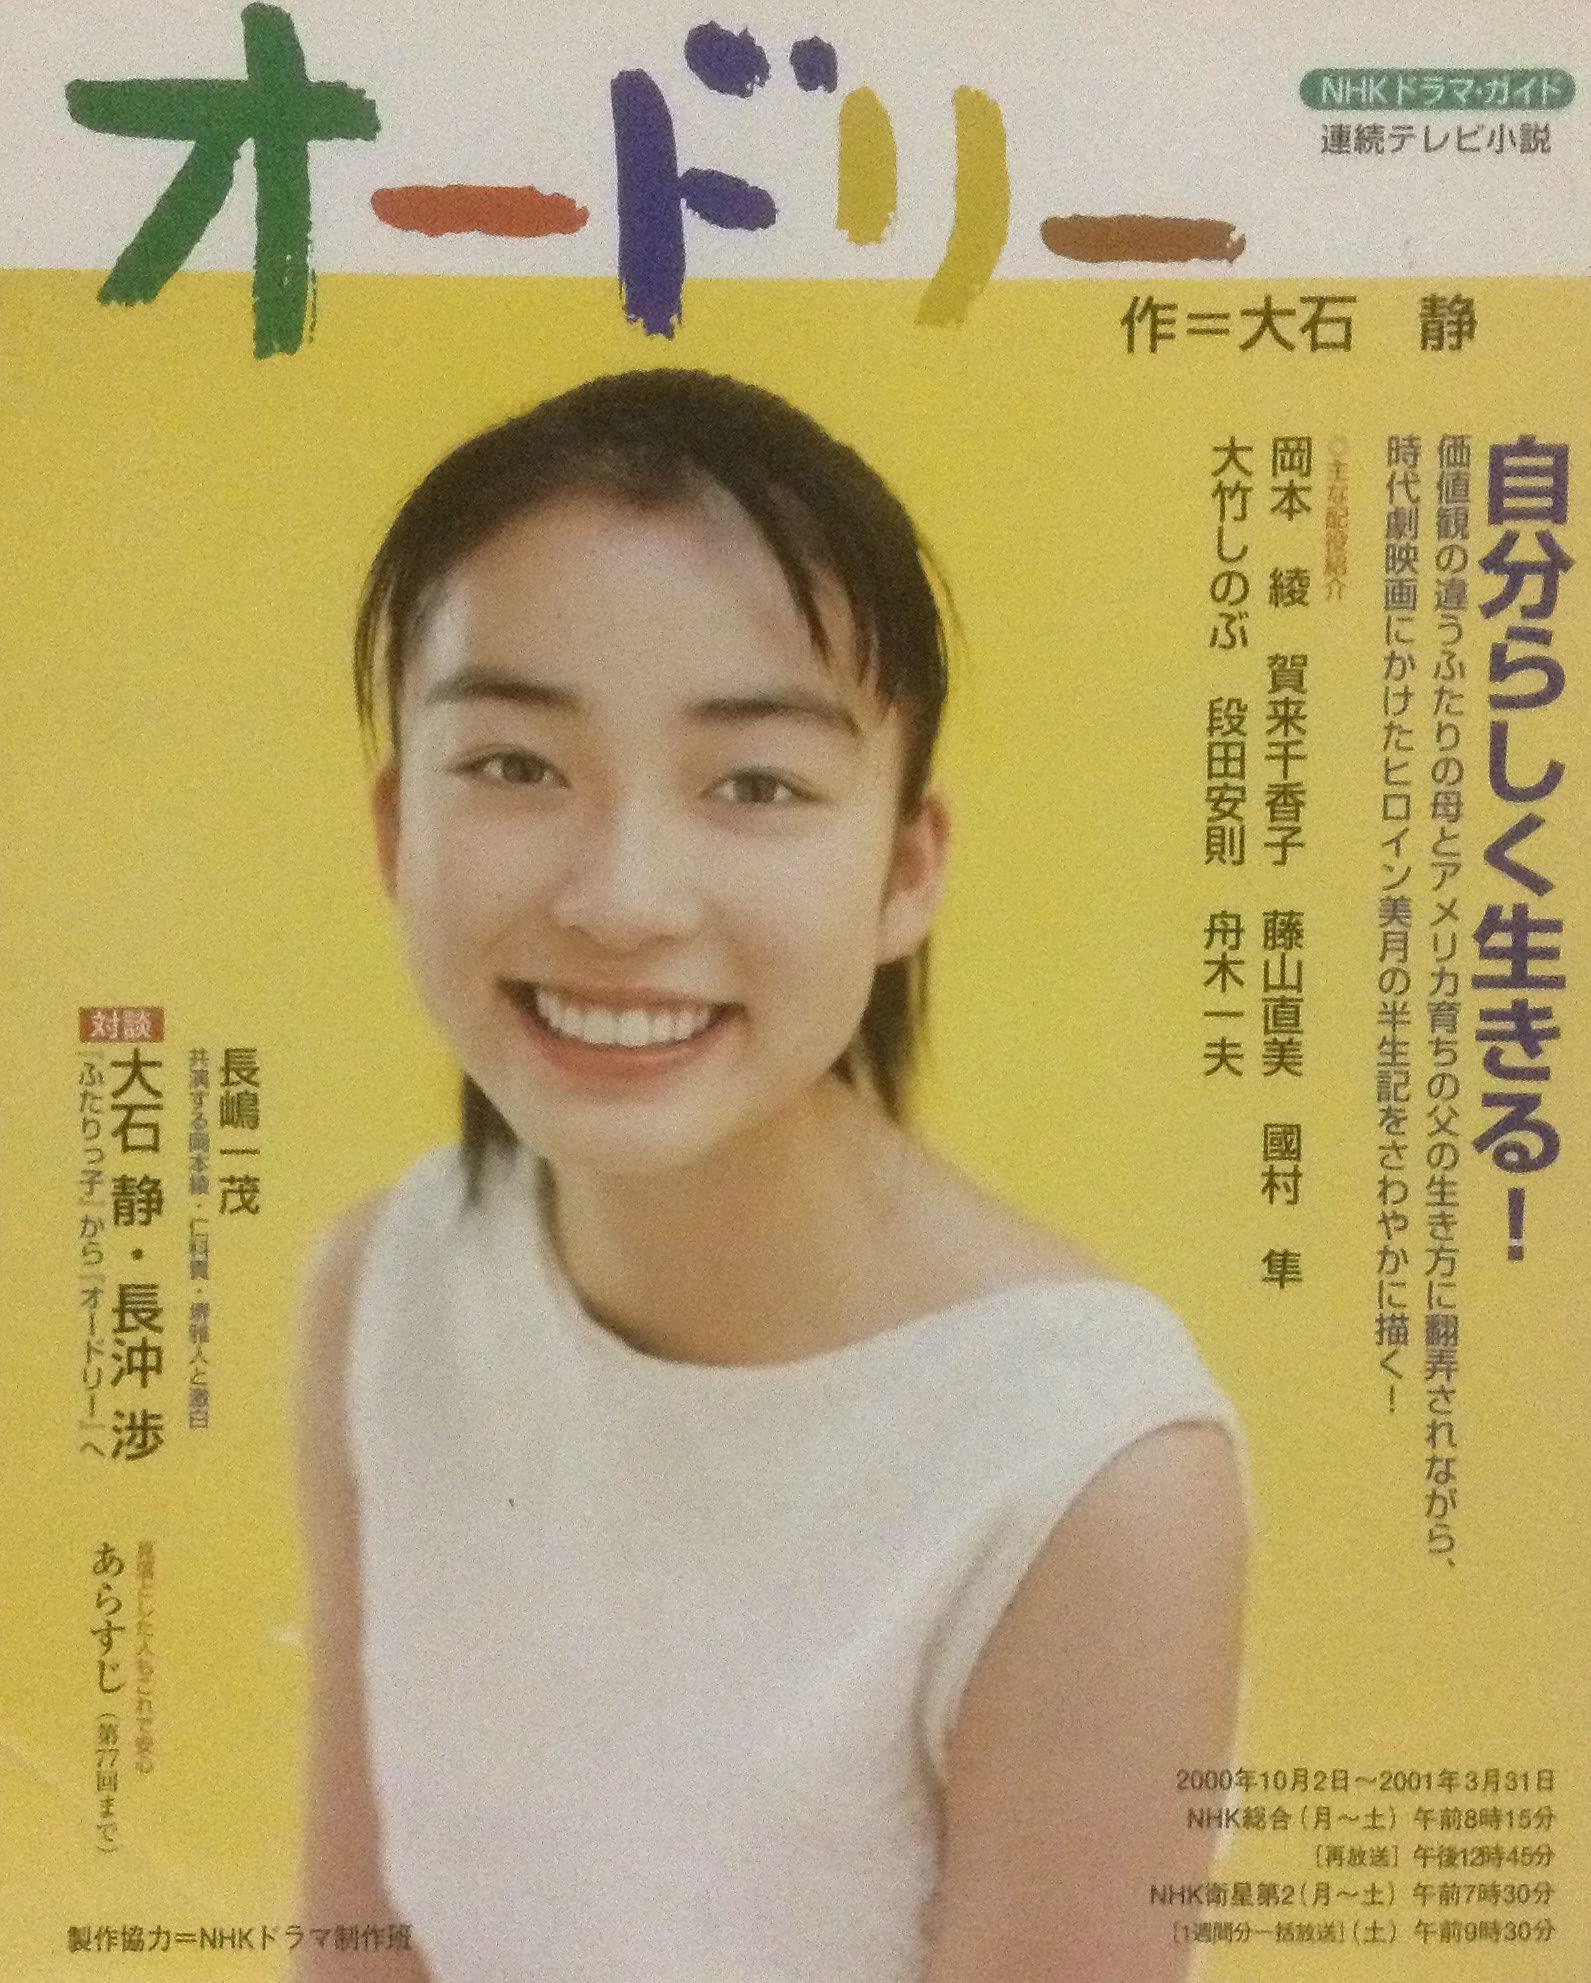 連続 テレビ 小説 nhk 「朝ドラ(NHK連続テレビ小説)」のドラマ番組一覧